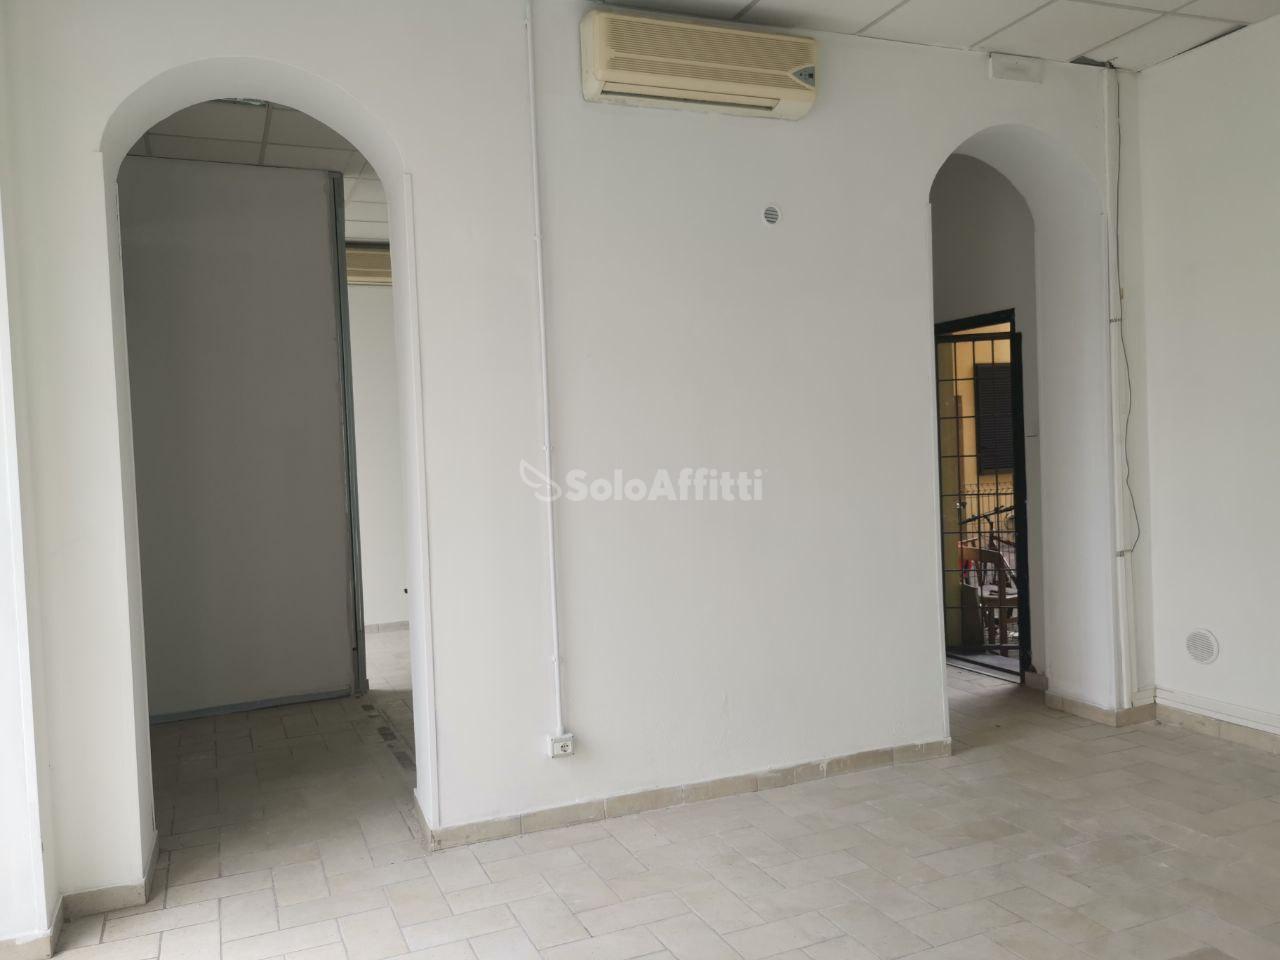 Negozio / Locale in affitto a Saronno, 2 locali, prezzo € 700   PortaleAgenzieImmobiliari.it